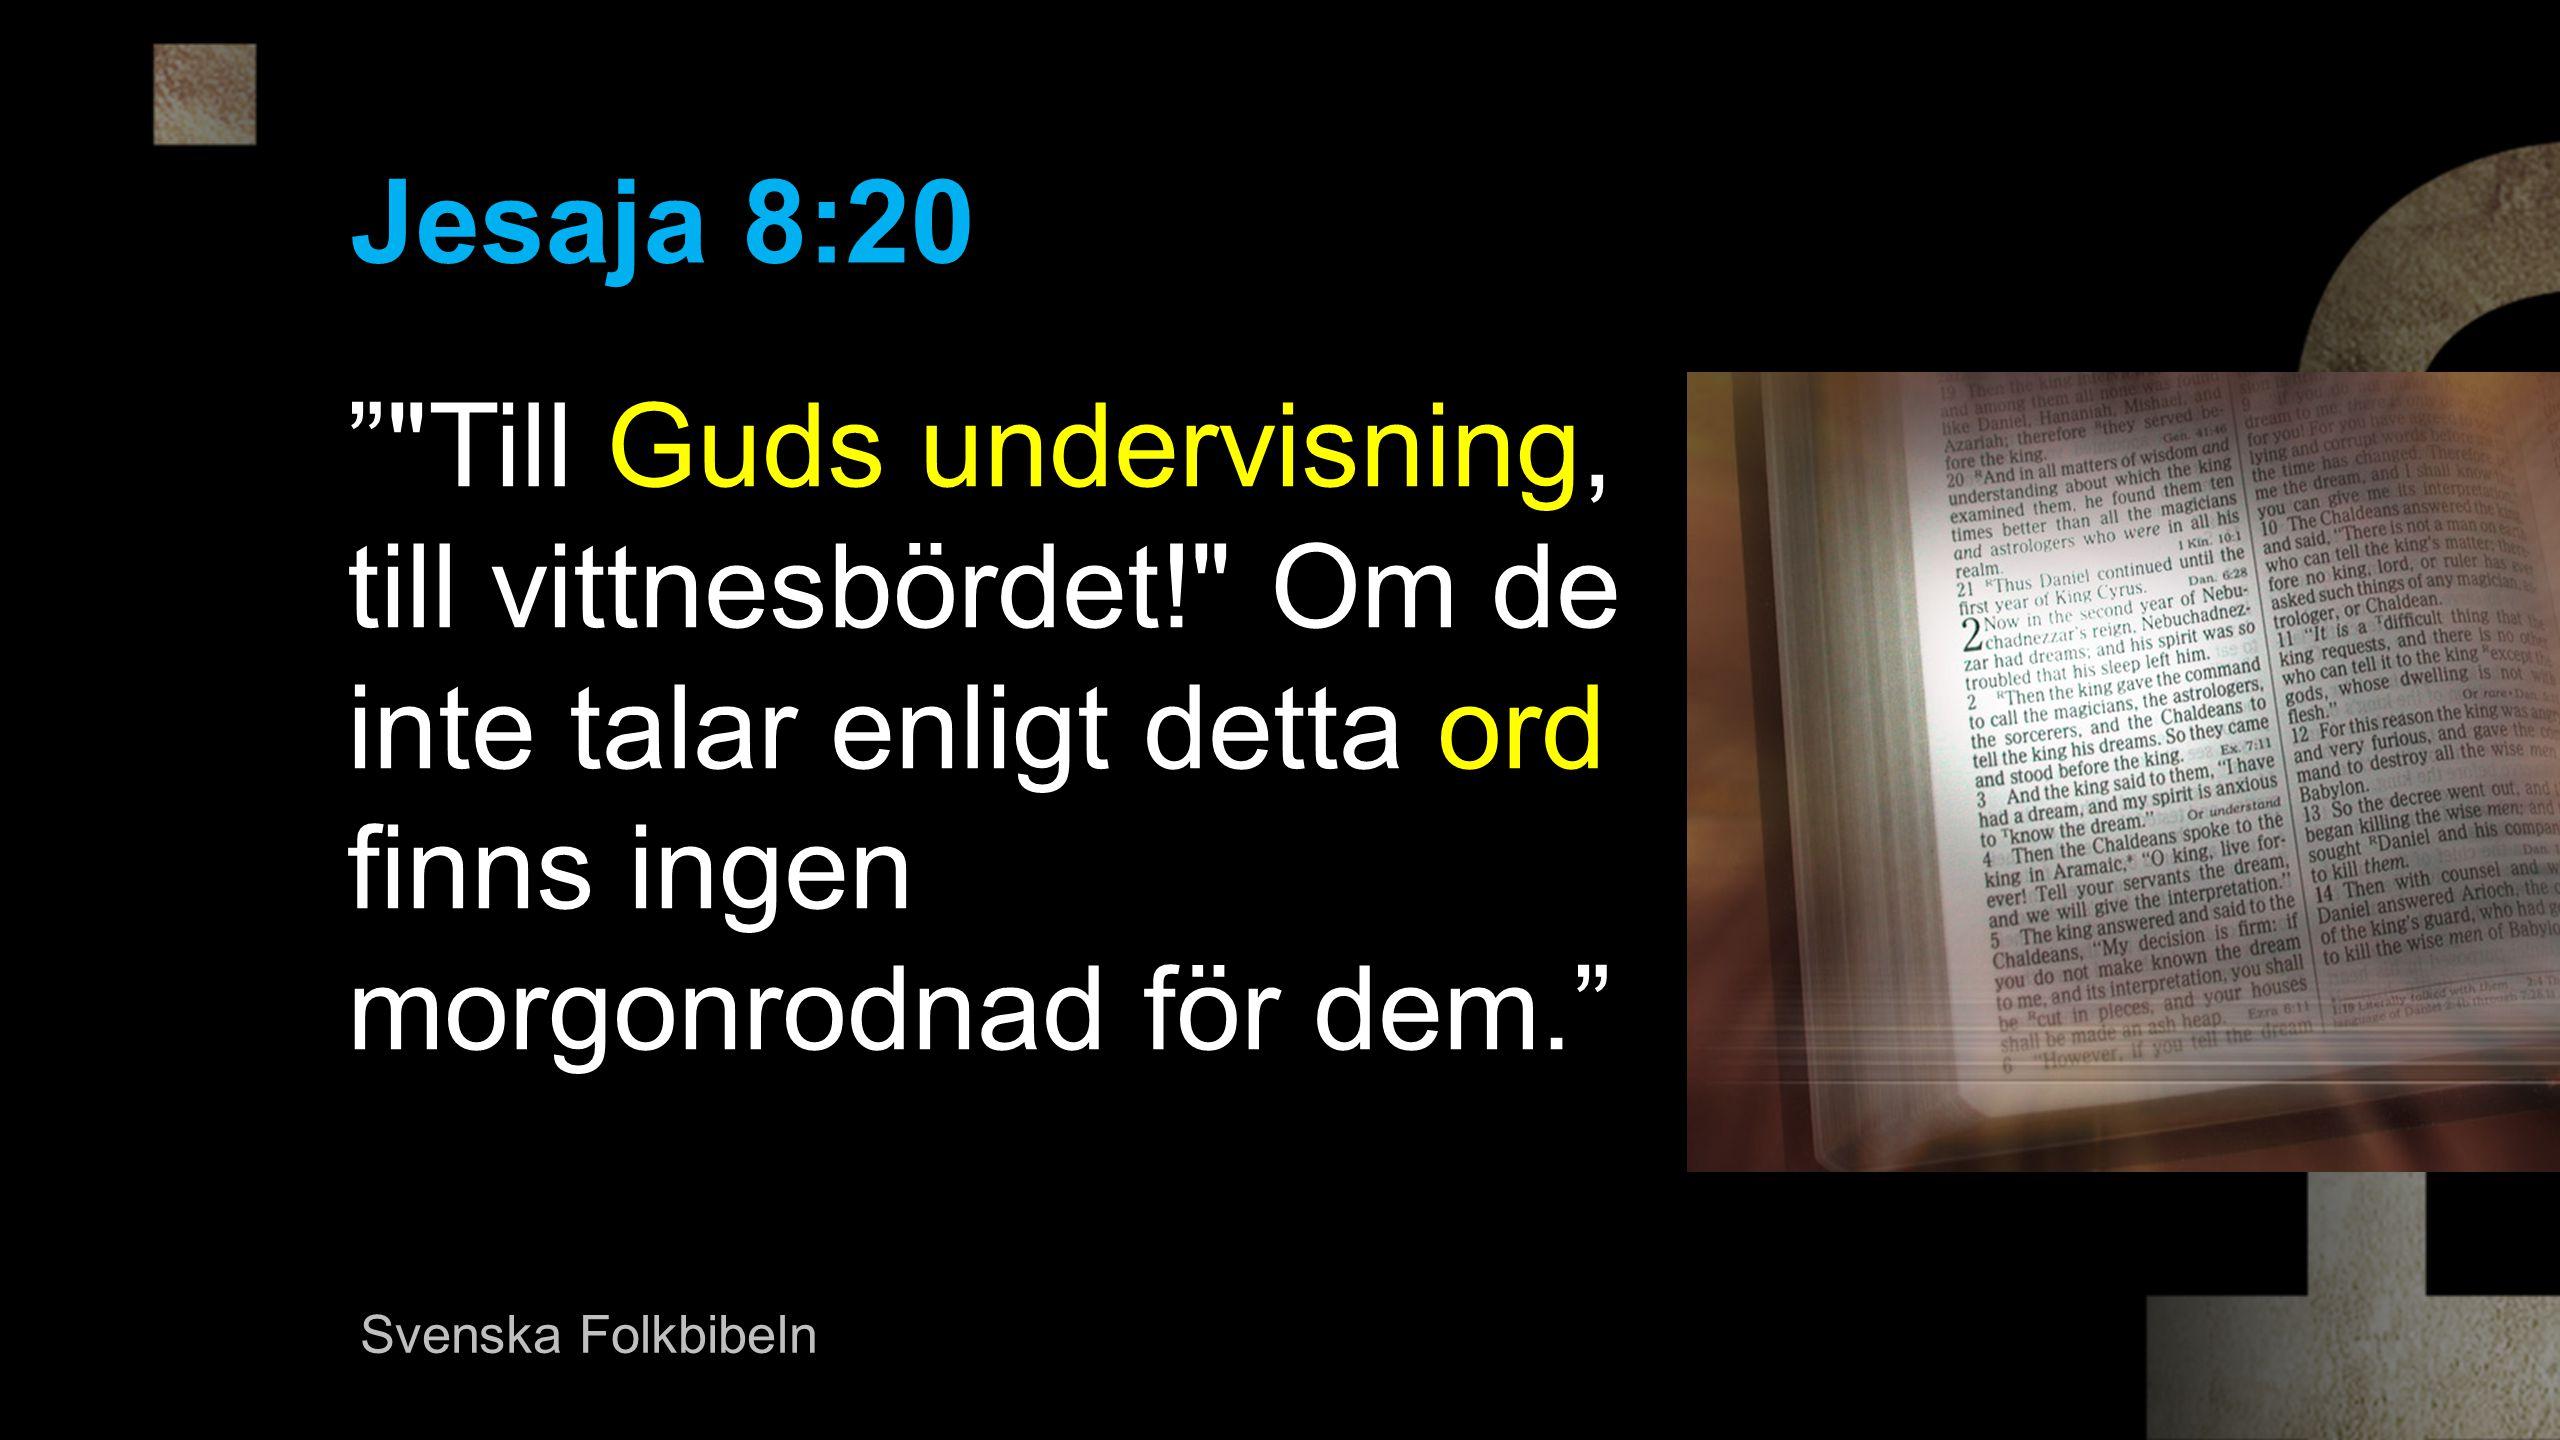 Till Guds undervisning, till vittnesbördet! Om de inte talar enligt detta ord finns ingen morgonrodnad för dem. Jesaja 8:20 Svenska Folkbibeln